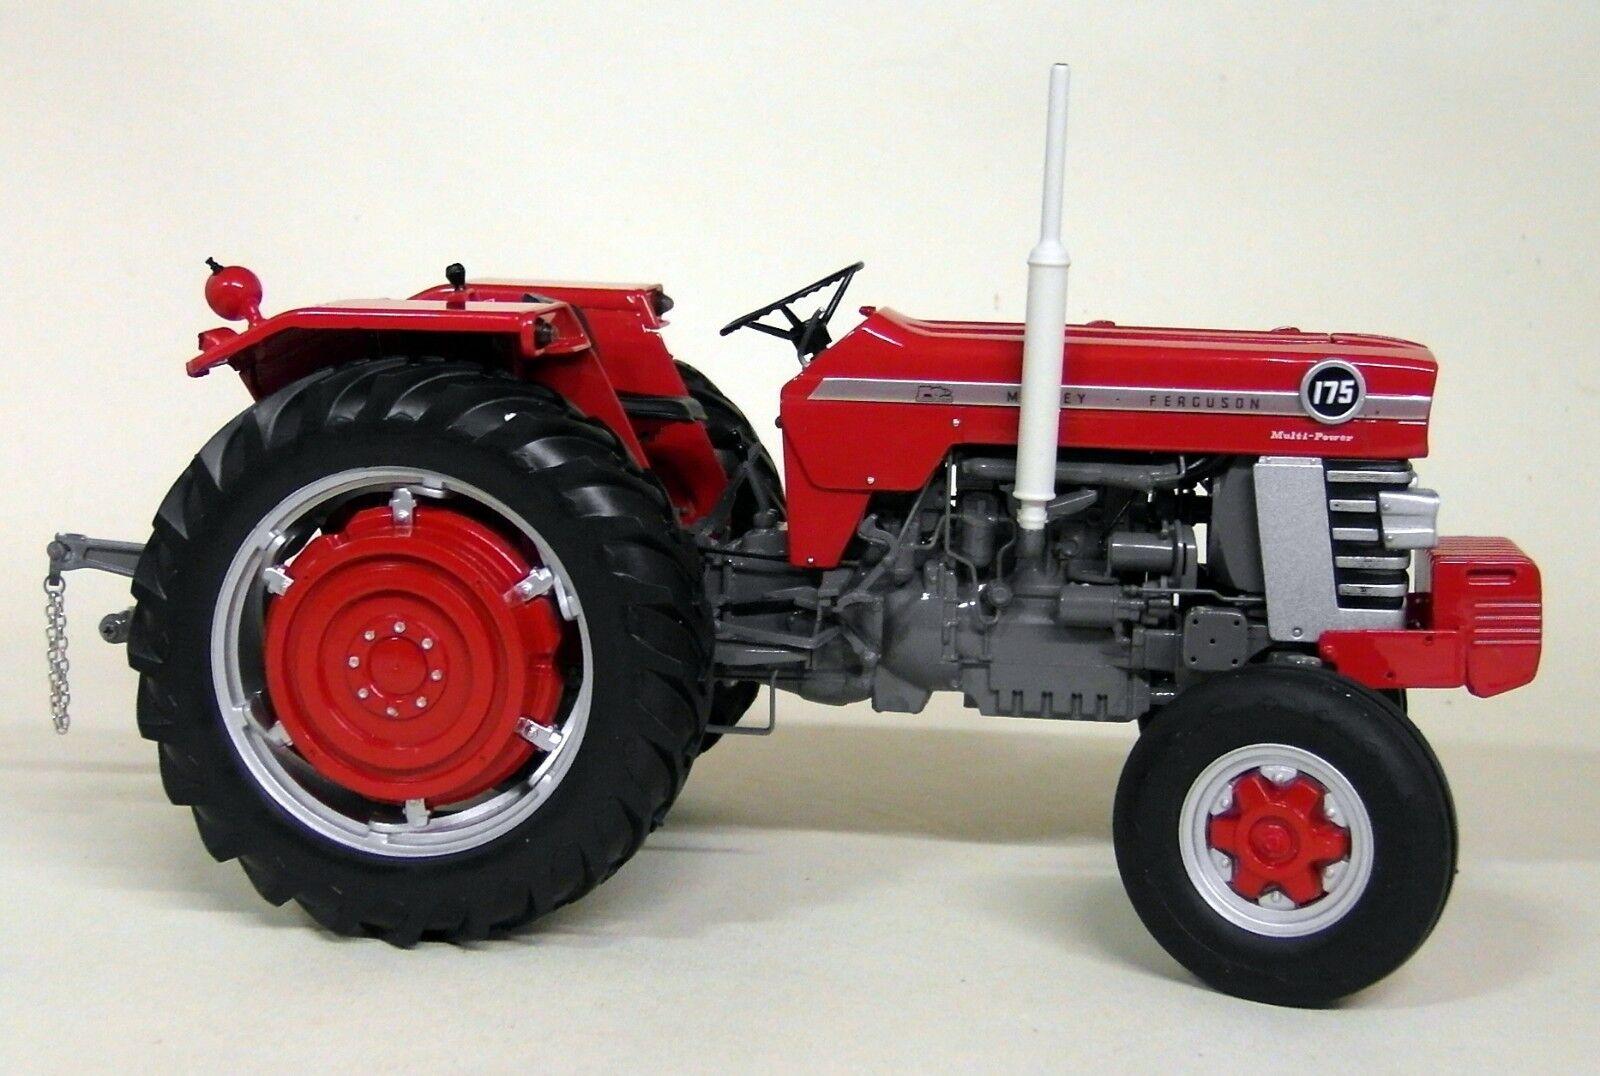 diseños exclusivos Uh 1 16 escala 2906 Massey Ferguson 175 Tractor de de de Modelo Diecast Vintage Rojo  mejor marca